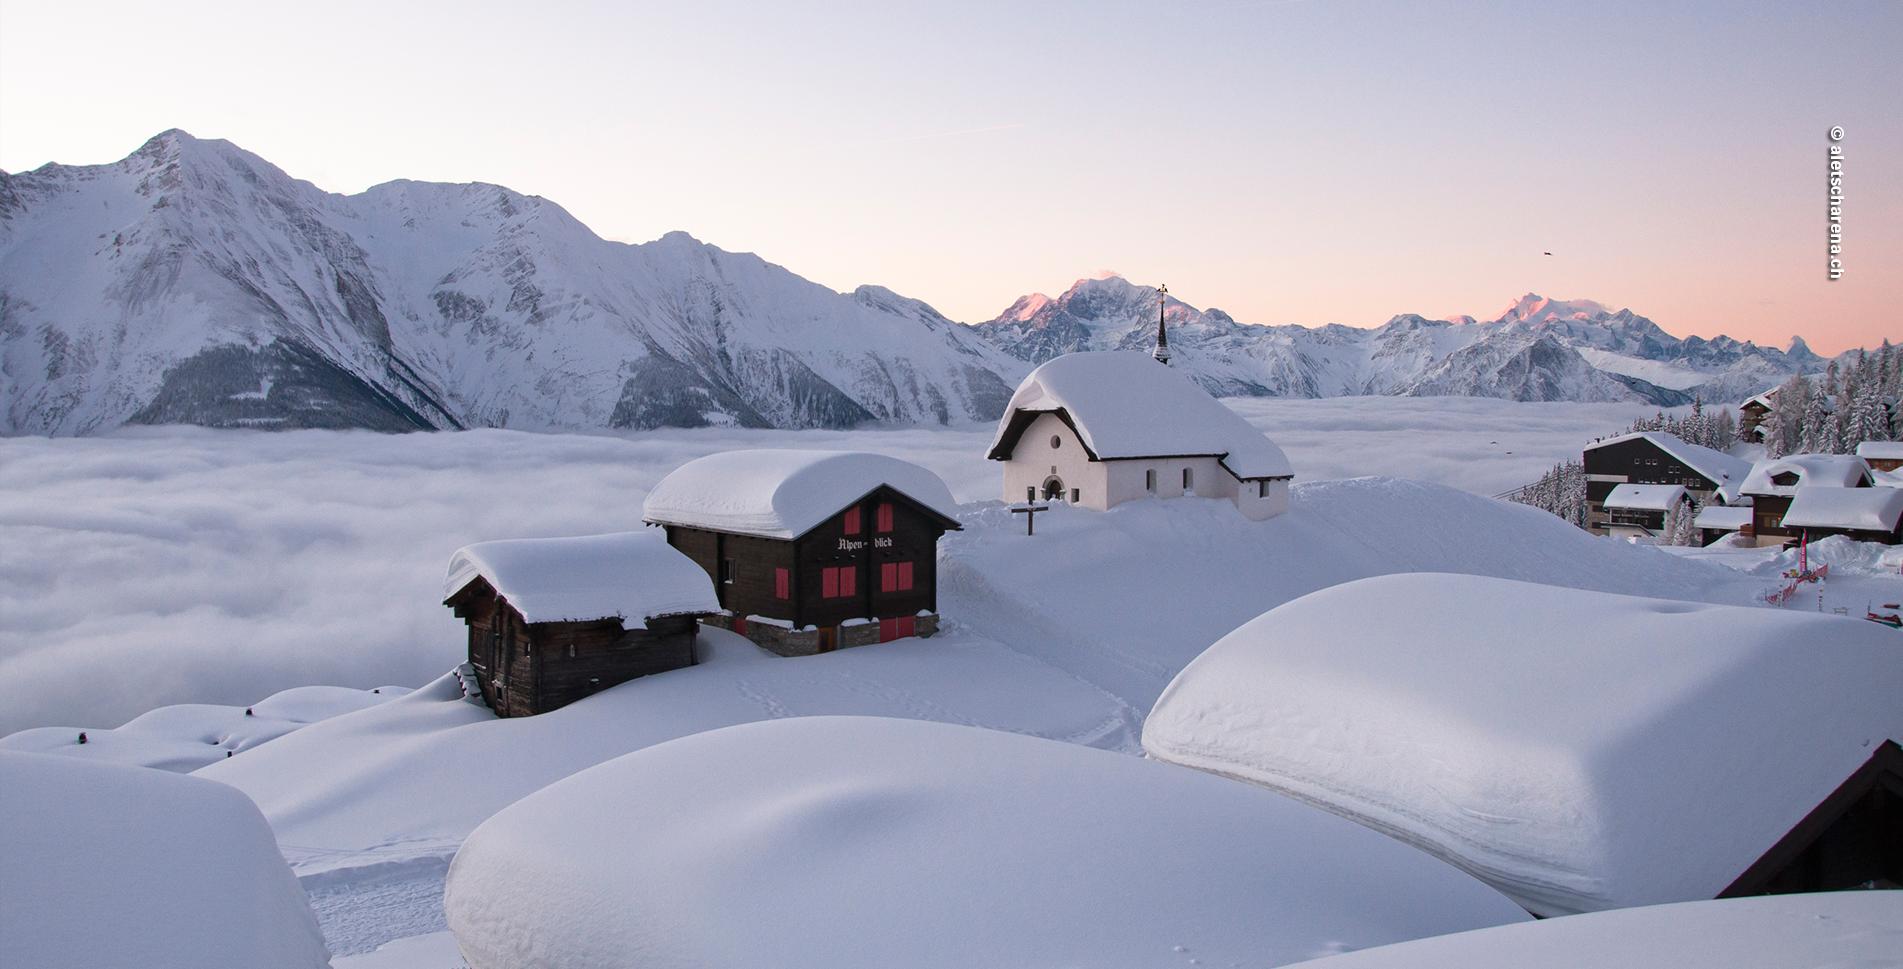 Winterwanderung von der Bettmeralp zur Riederalp und Riederfurka